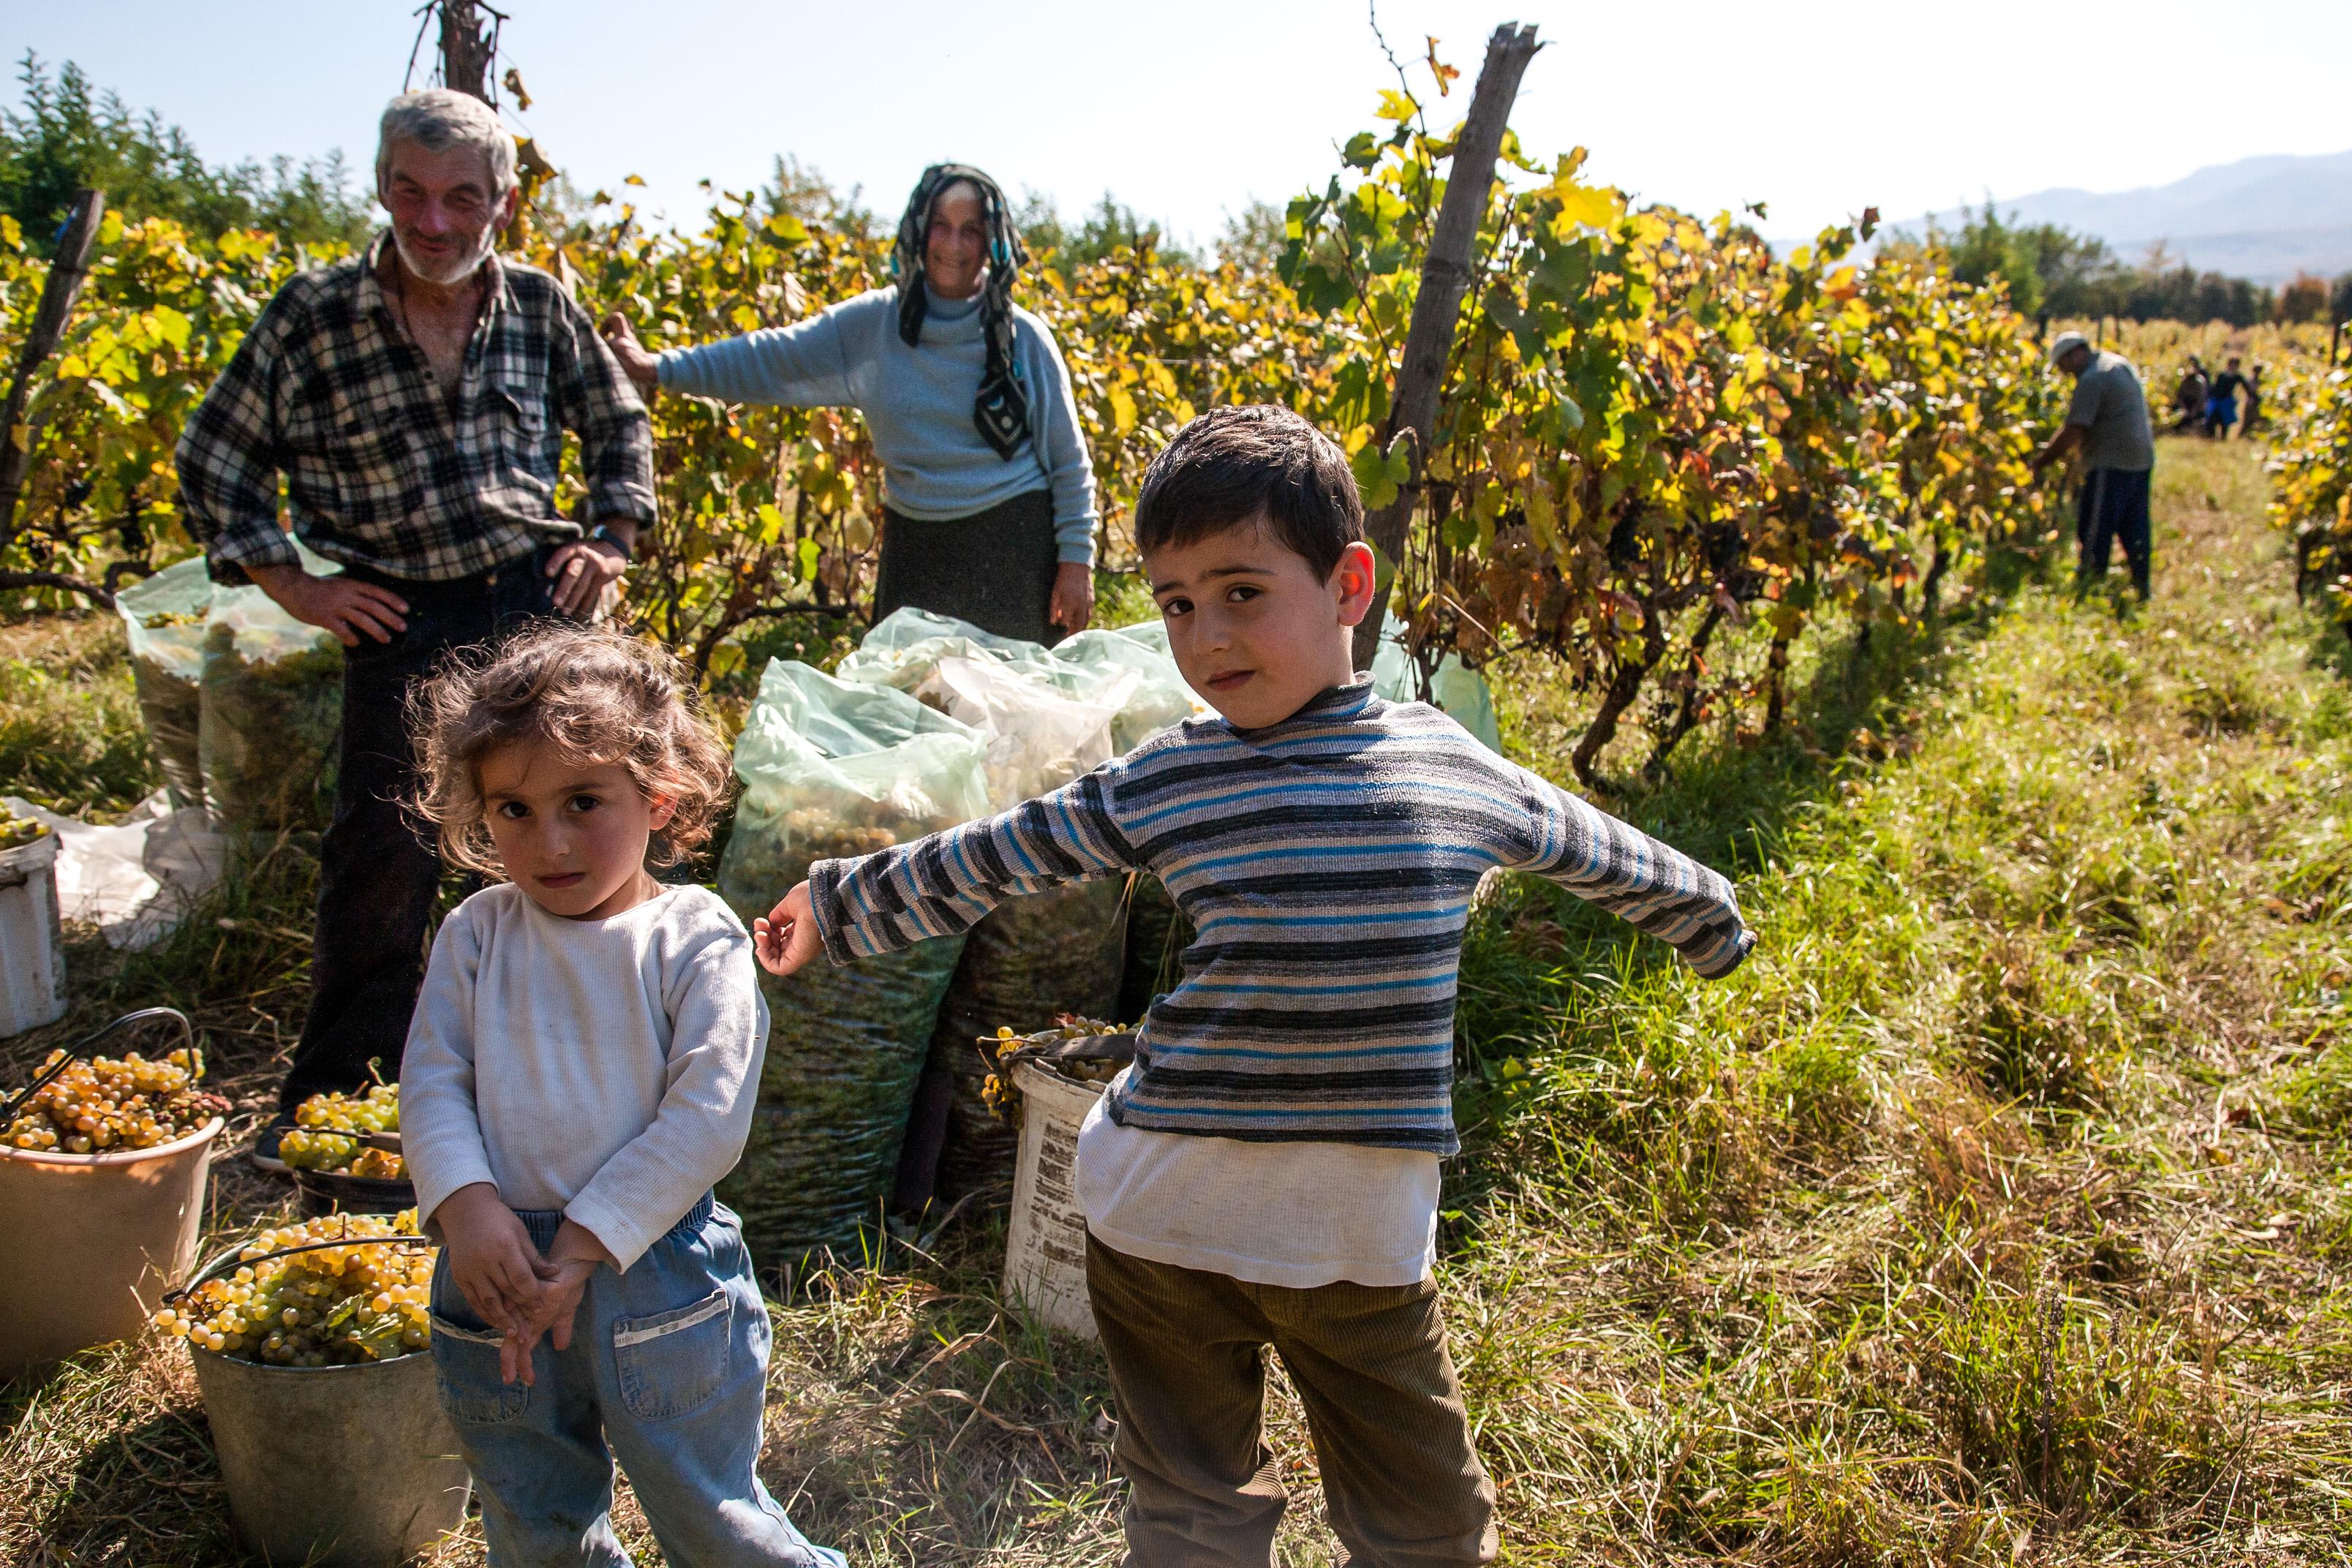 Pubblicata in Gazzetta la legge sull'agricoltura sociale